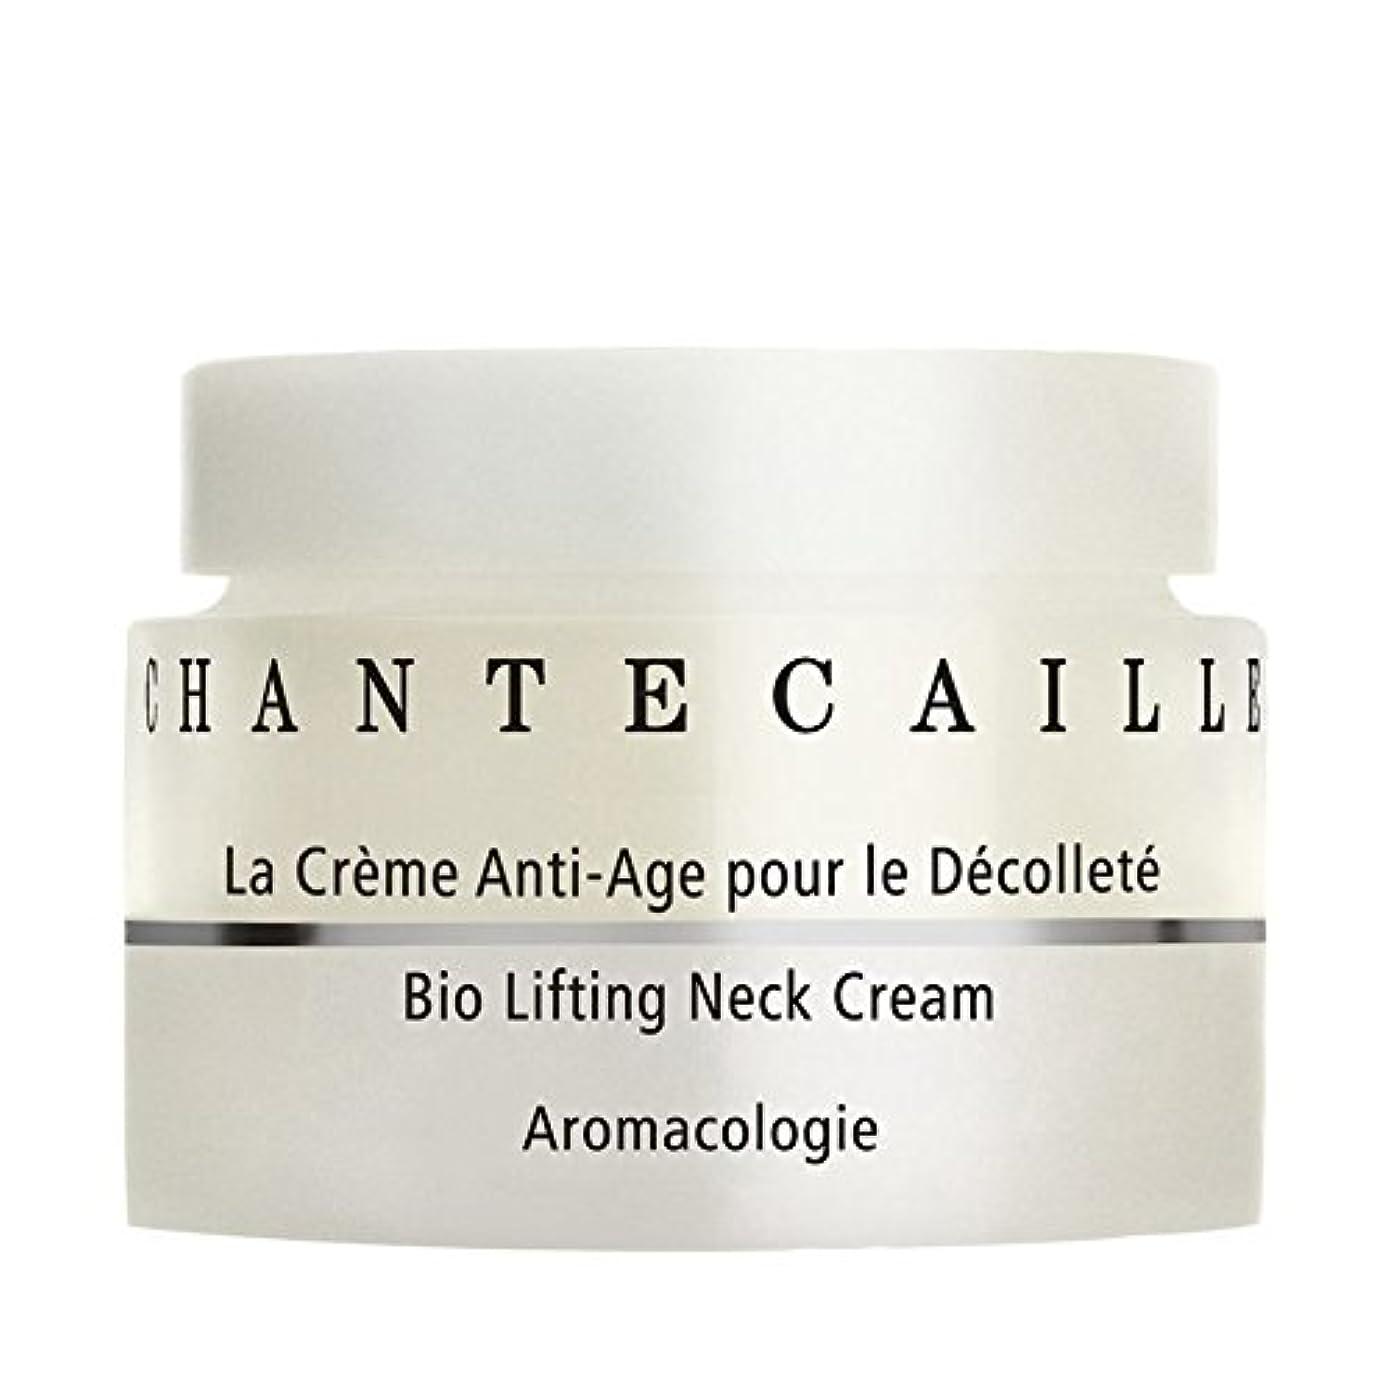 自分を引き上げる危険くびれたシャンテカイユバイオダイナミックリフティングネッククリーム、シャンテカイユ x4 - Chantecaille Biodynamic Lifting Neck Cream, Chantecaille (Pack of 4) [並行輸入品]